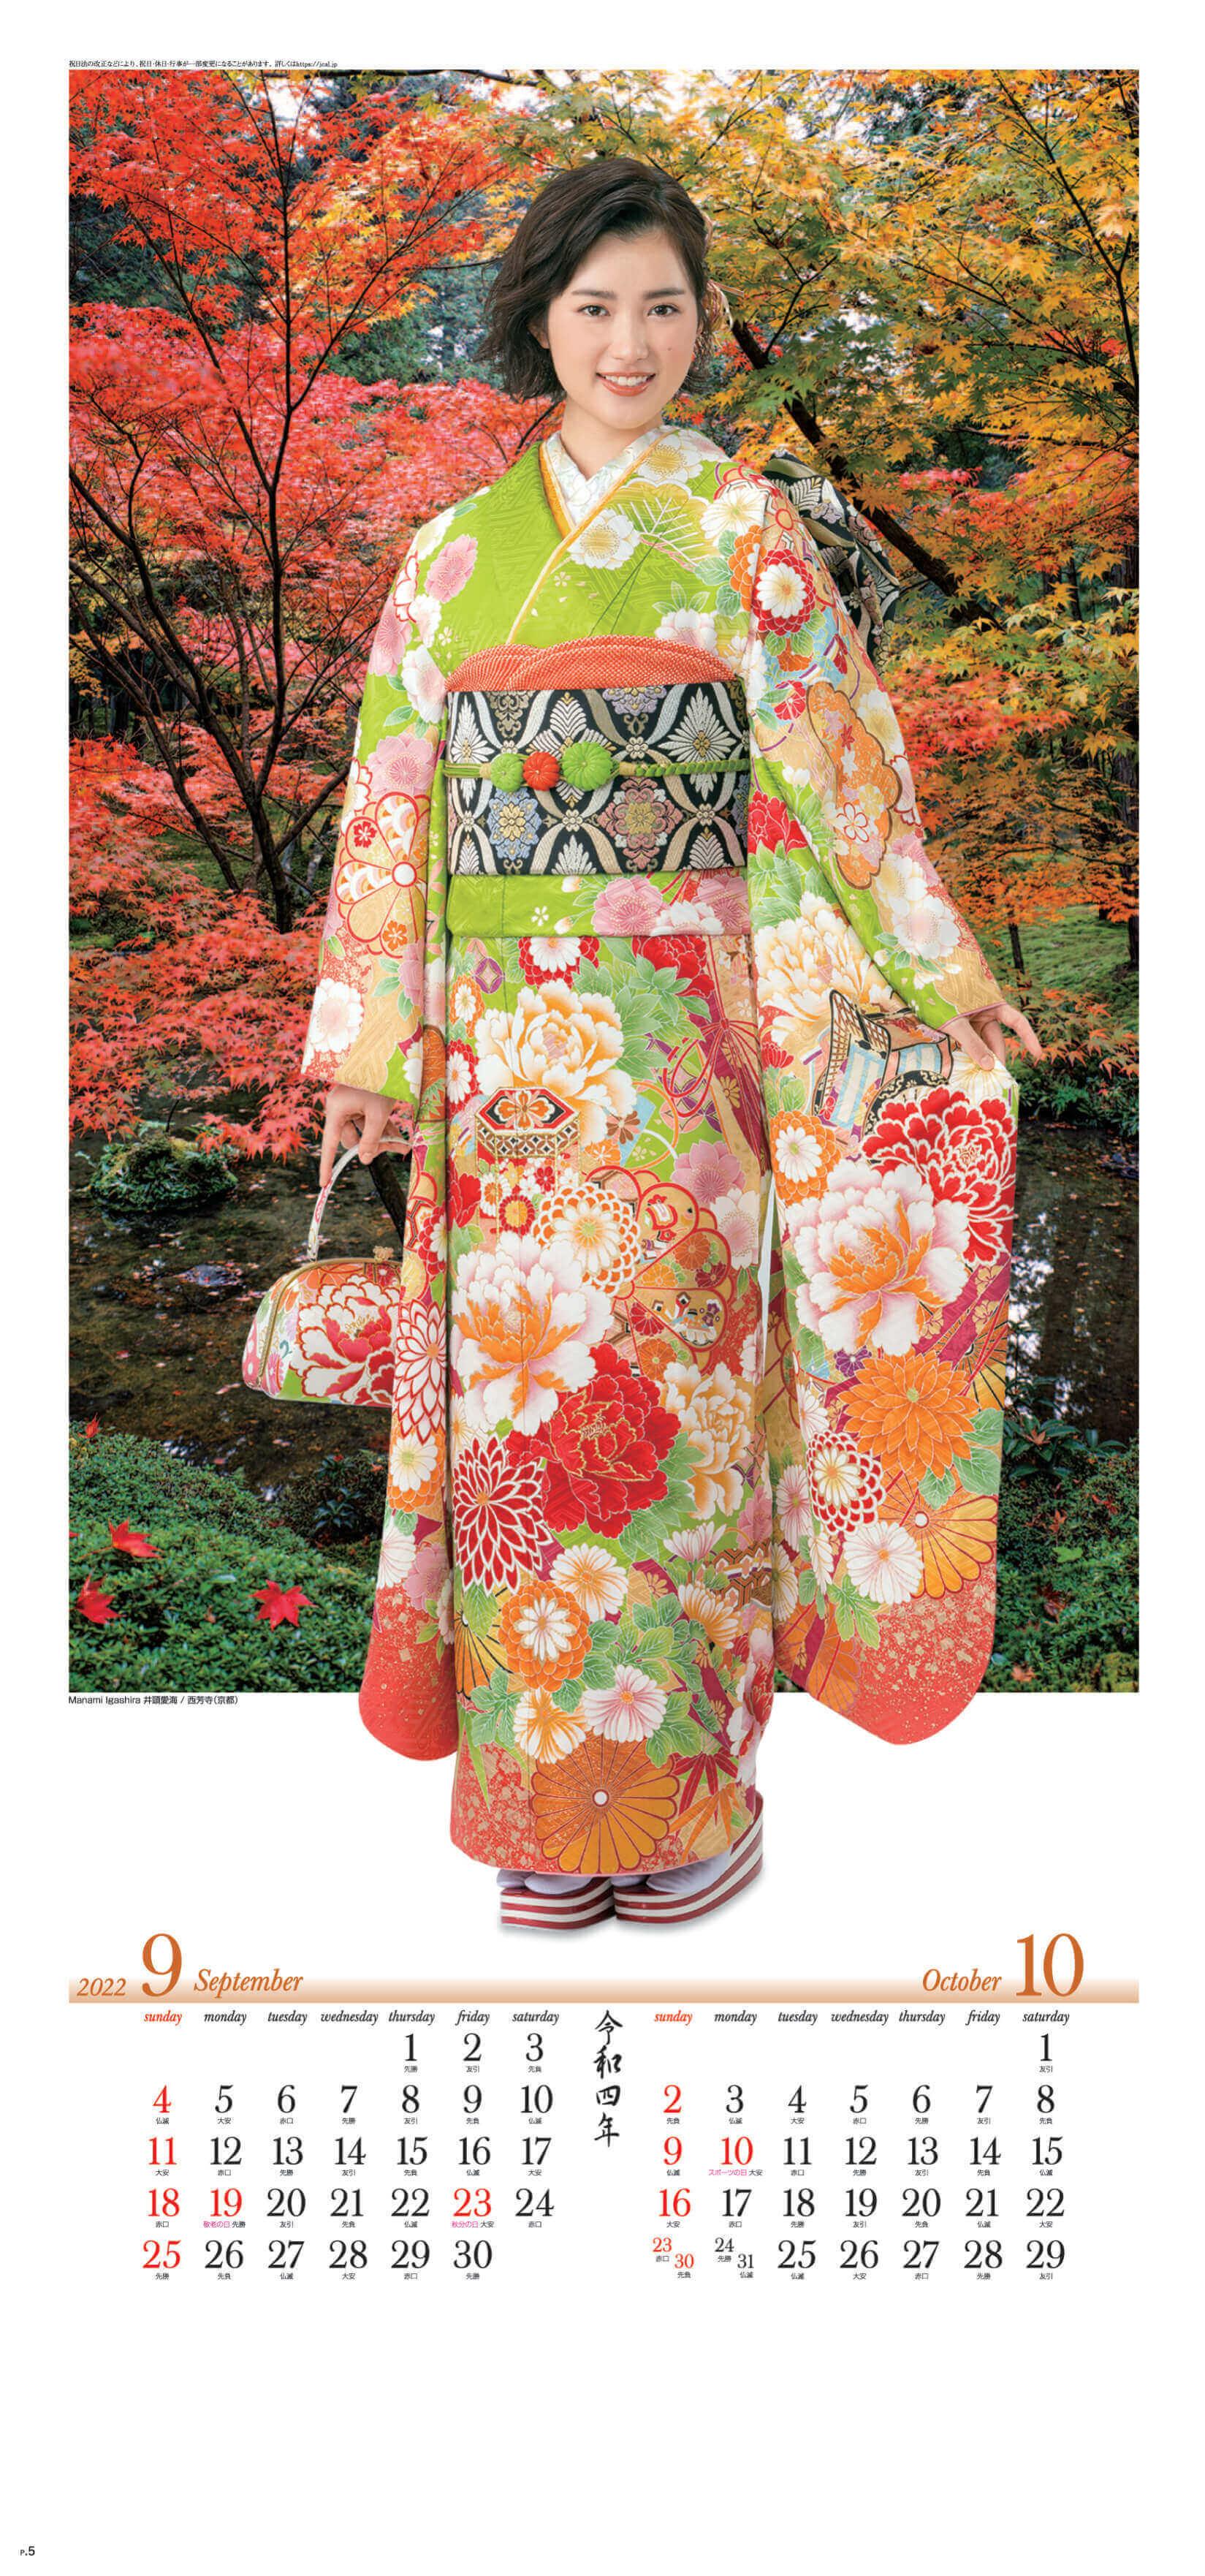 9-10月 井頭愛海 西芳寺(京都) 華苑 2022年カレンダーの画像